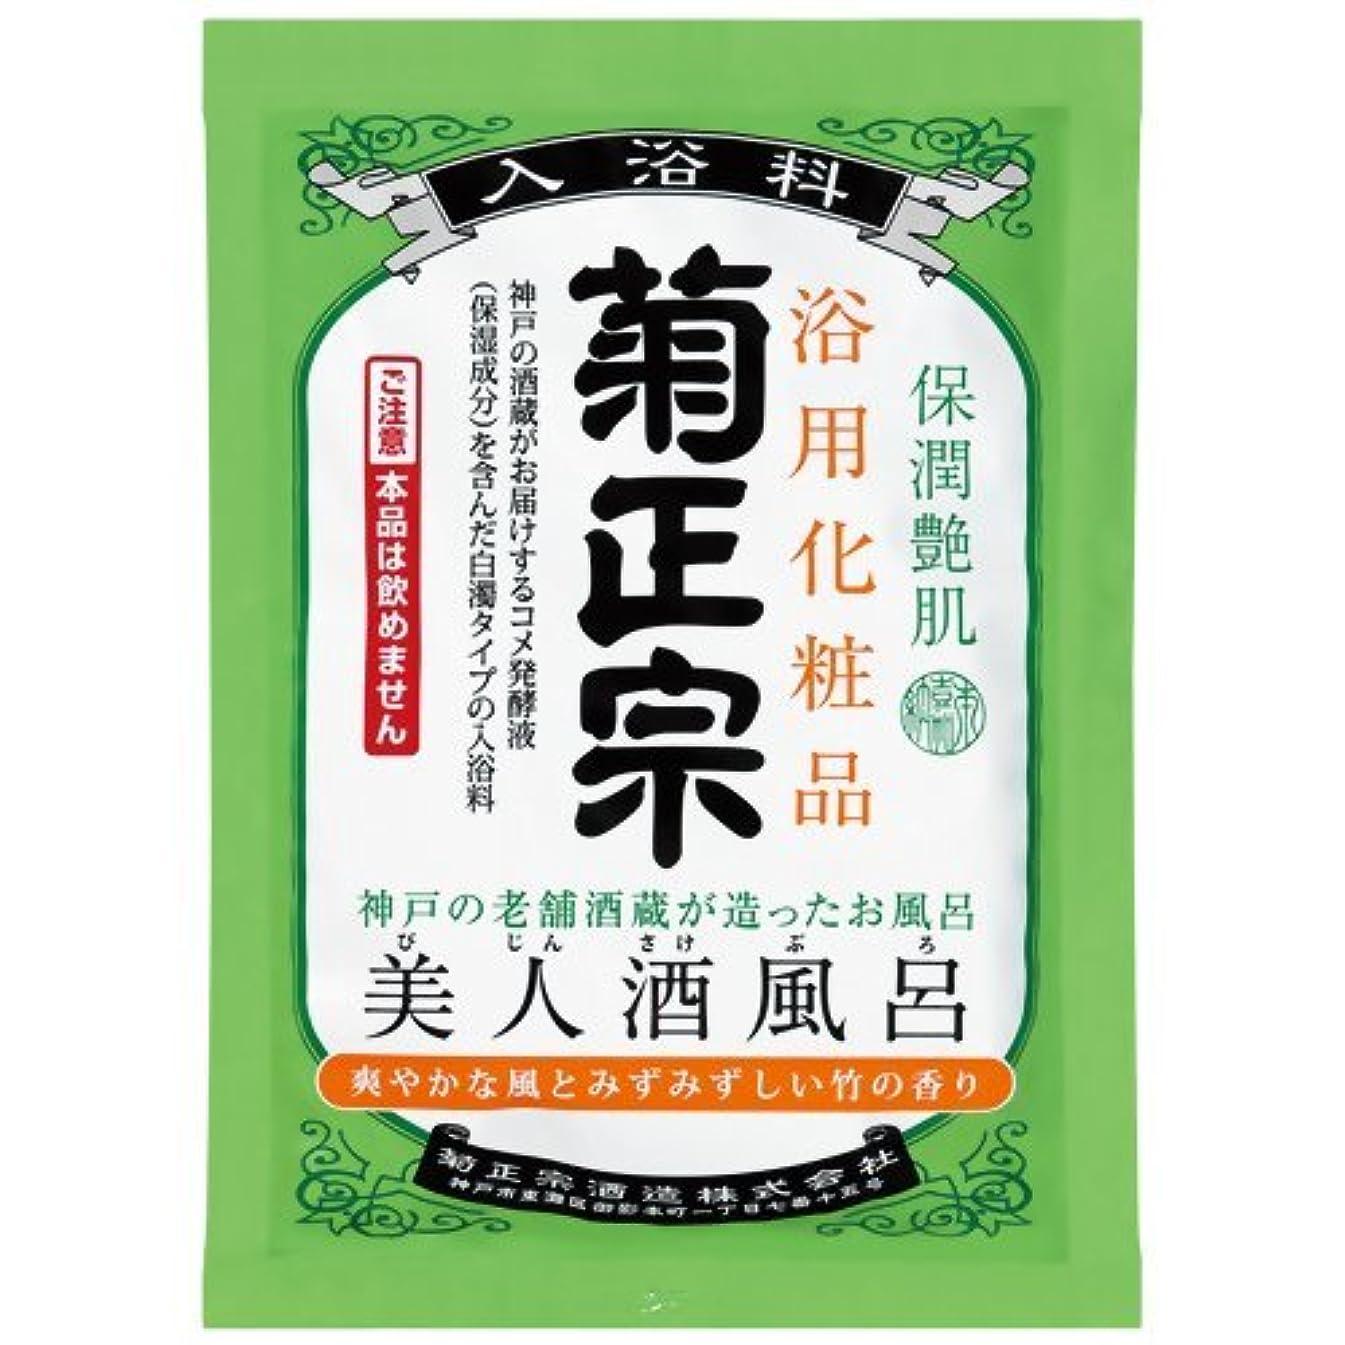 上流のキャストコック菊正宗 美人酒風呂 爽やかな風とみずみずしい竹の香り